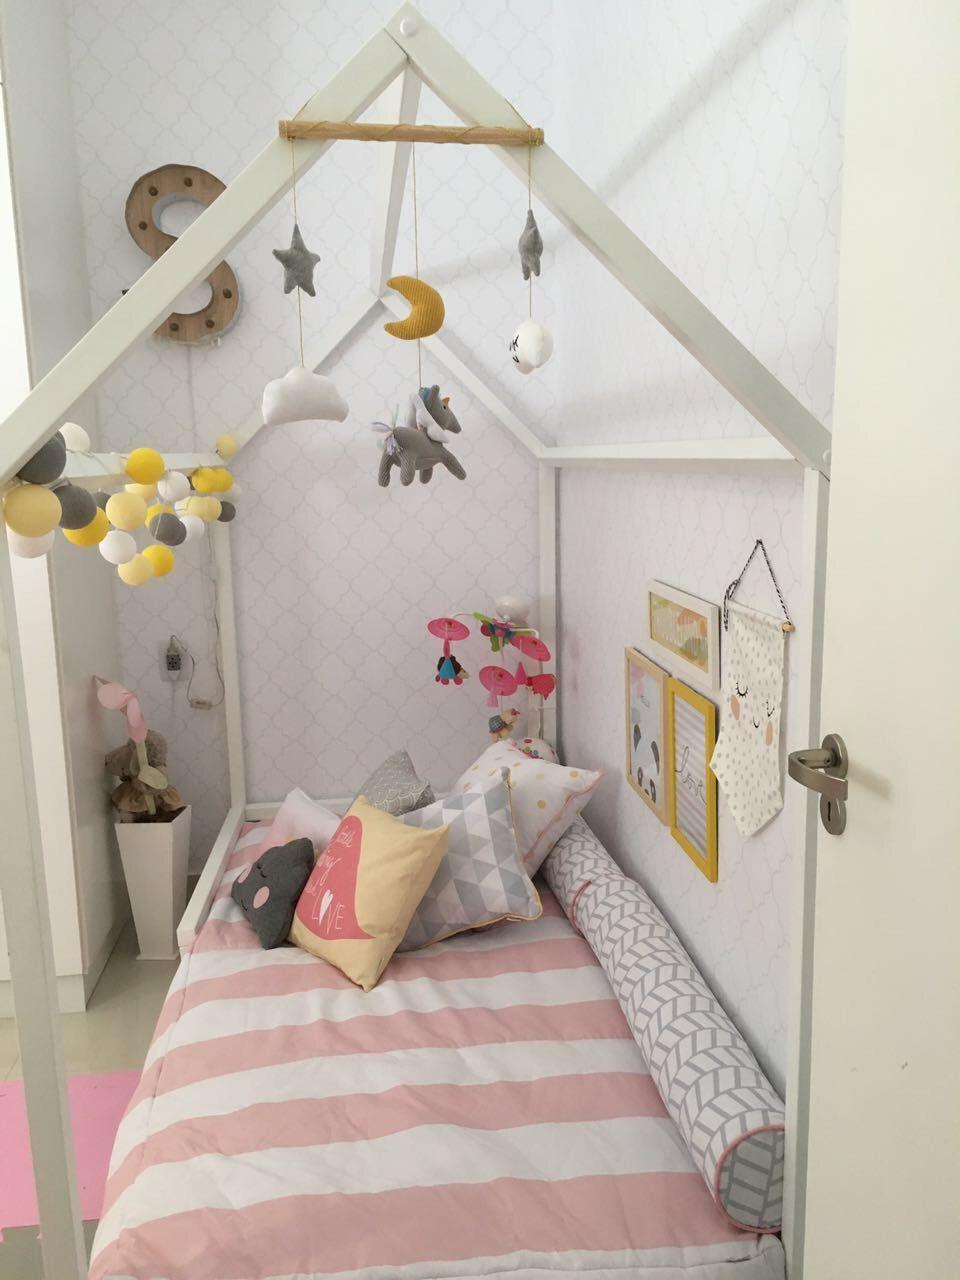 Quarto De Beb E Cama De Casinha Com Luzes De Arqexpress 150132  ~ Decoração De Quarto Com Luzes E Quarto Simples Para Bebe